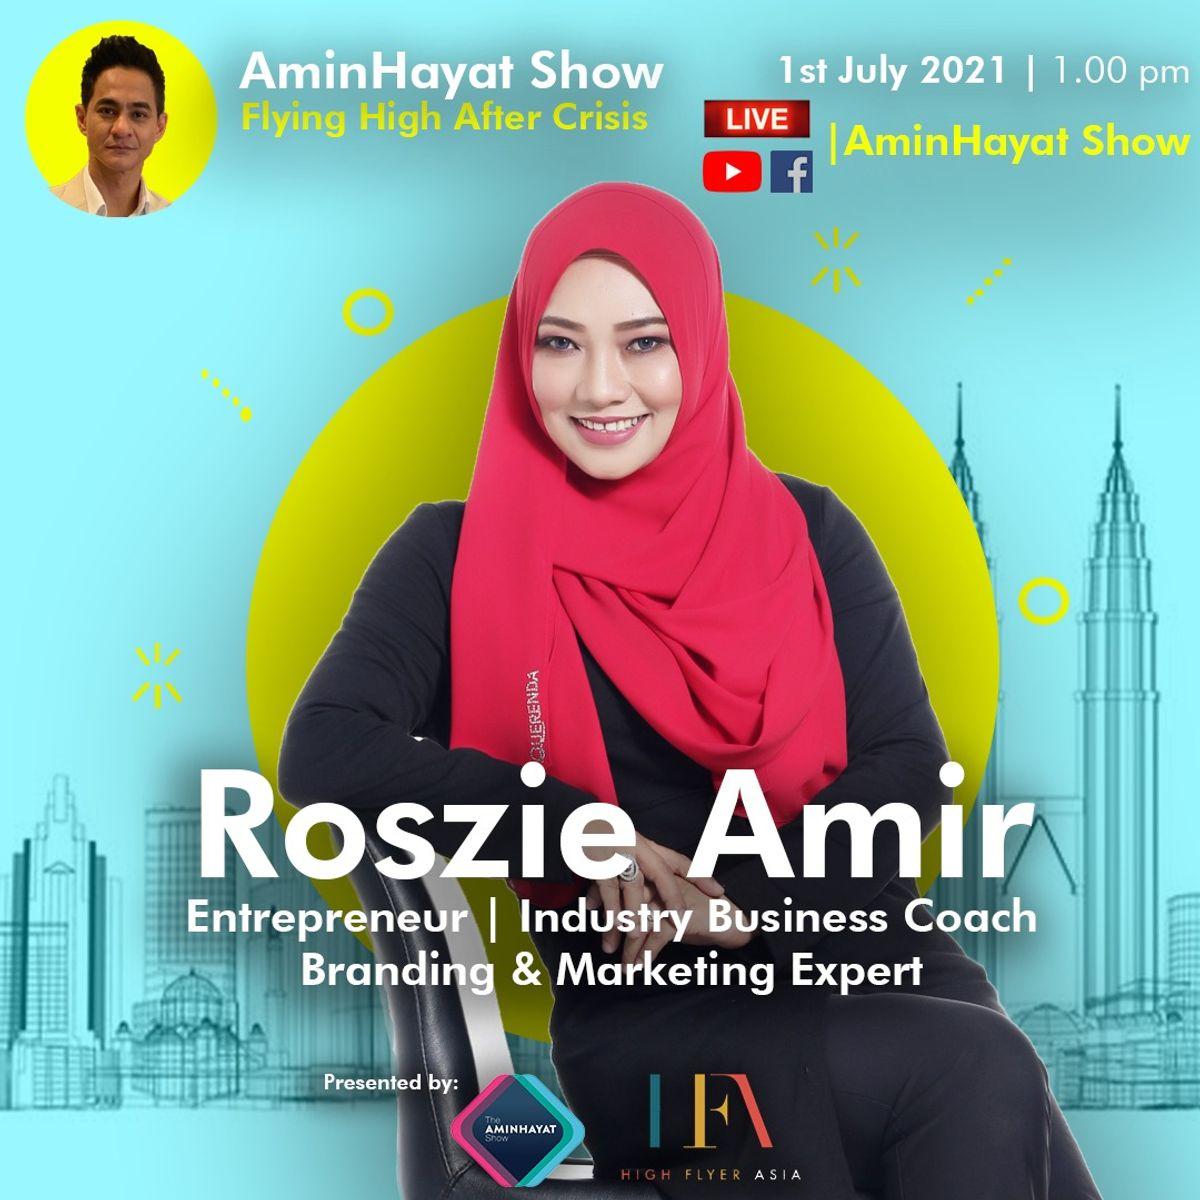 Watch Coach Roszie Amir in FB Live AminHayat Show